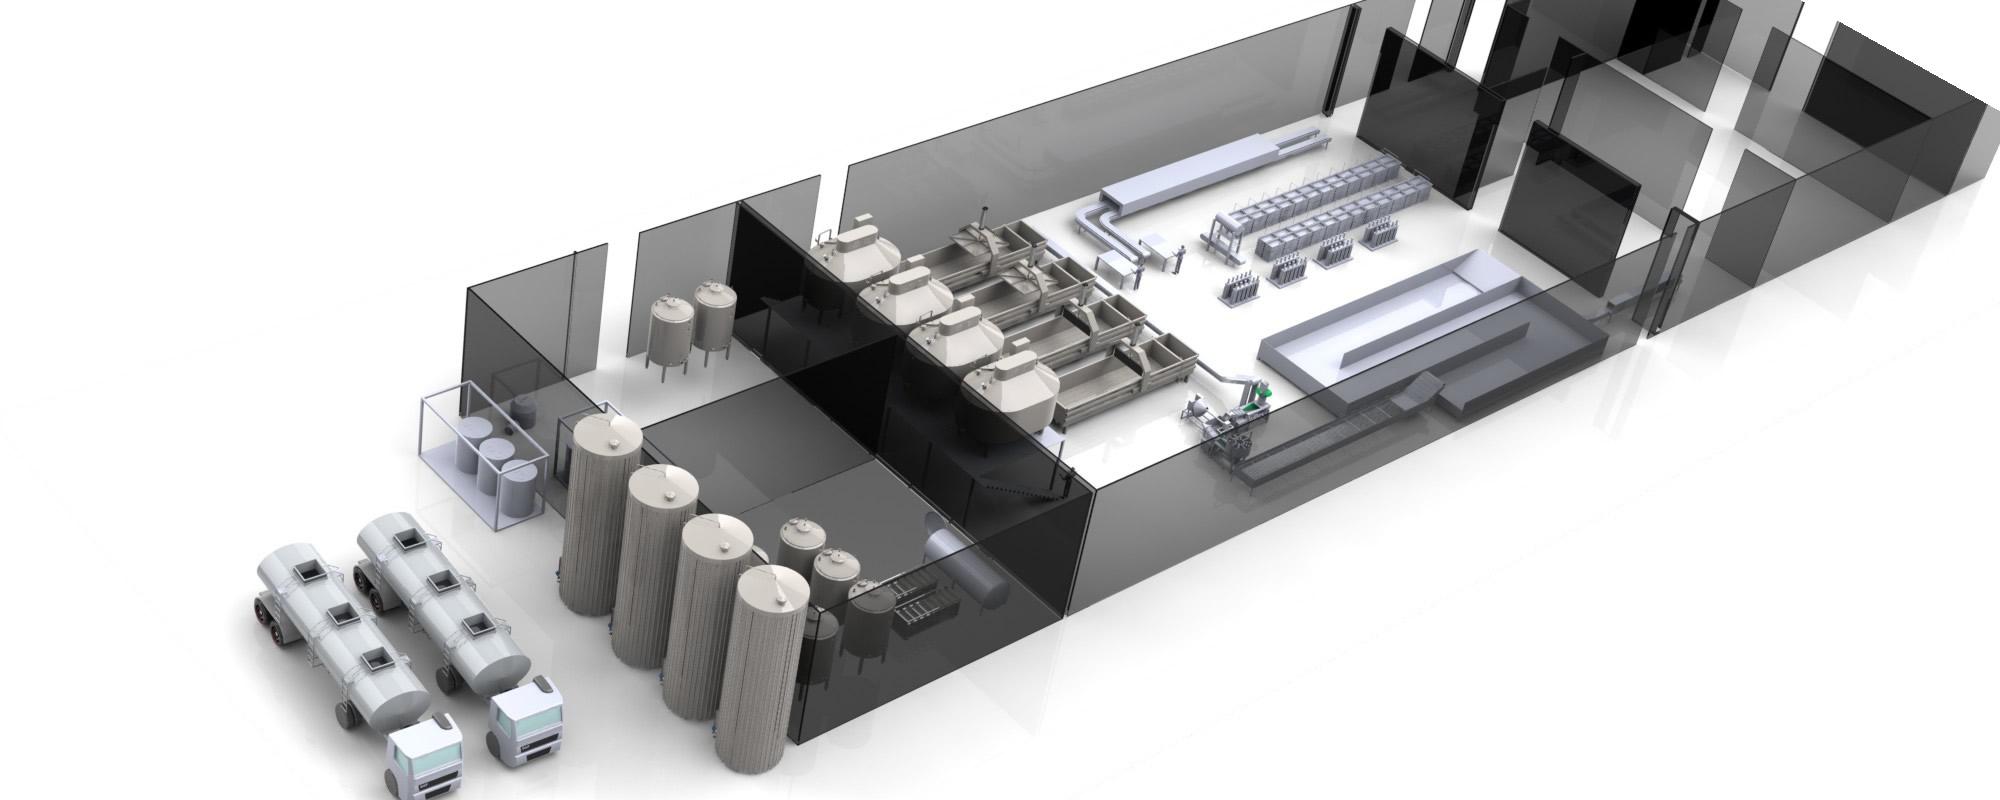 Planta baixa de fábricas em 3D